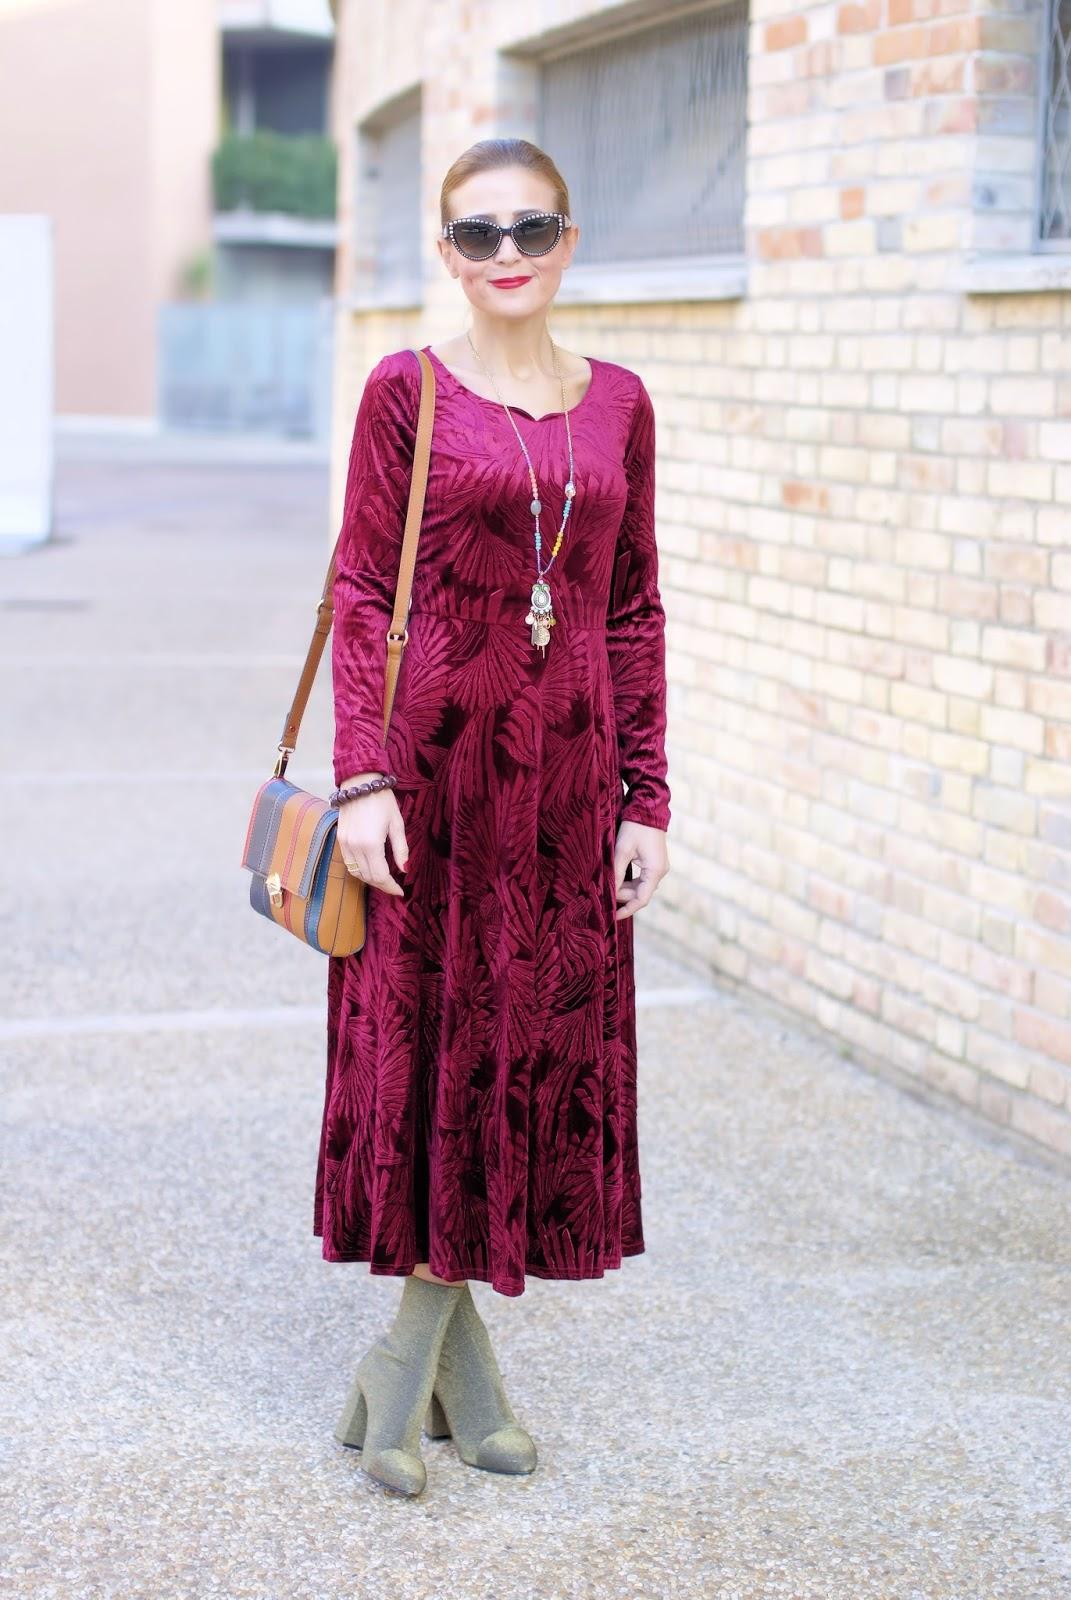 Rosso di sera fashion 27